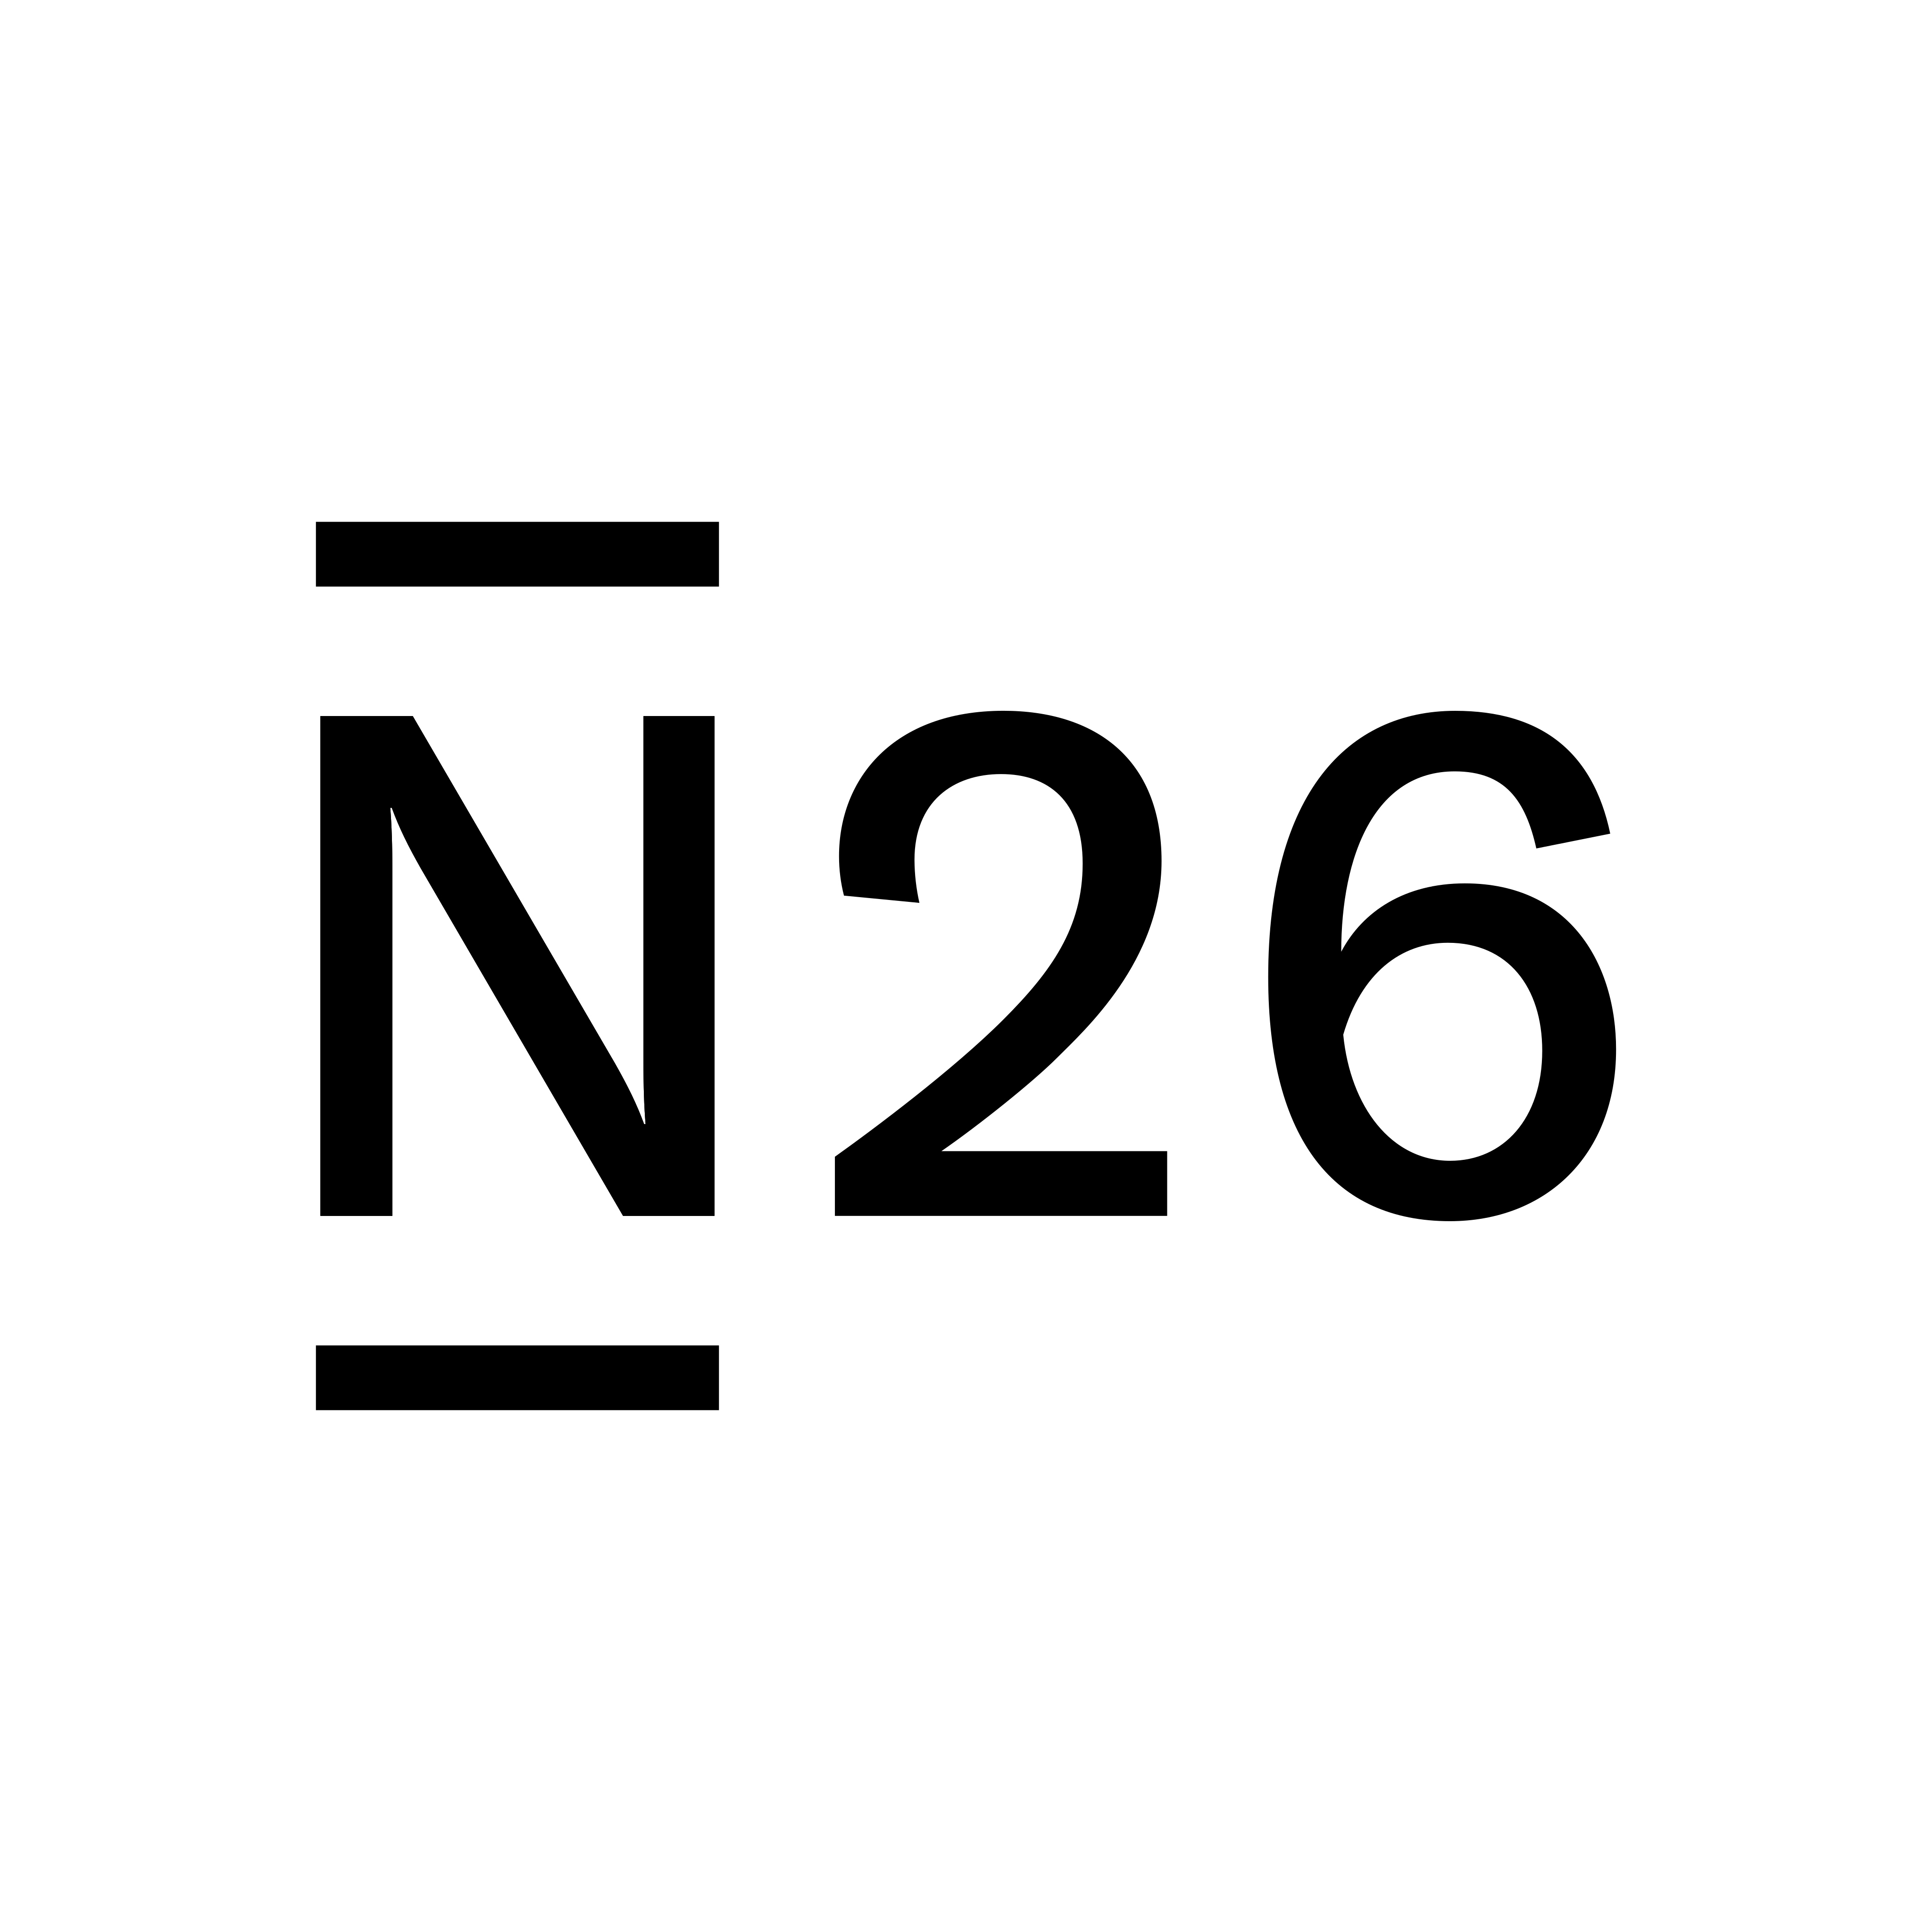 n26 logo 0 - N26 Logo